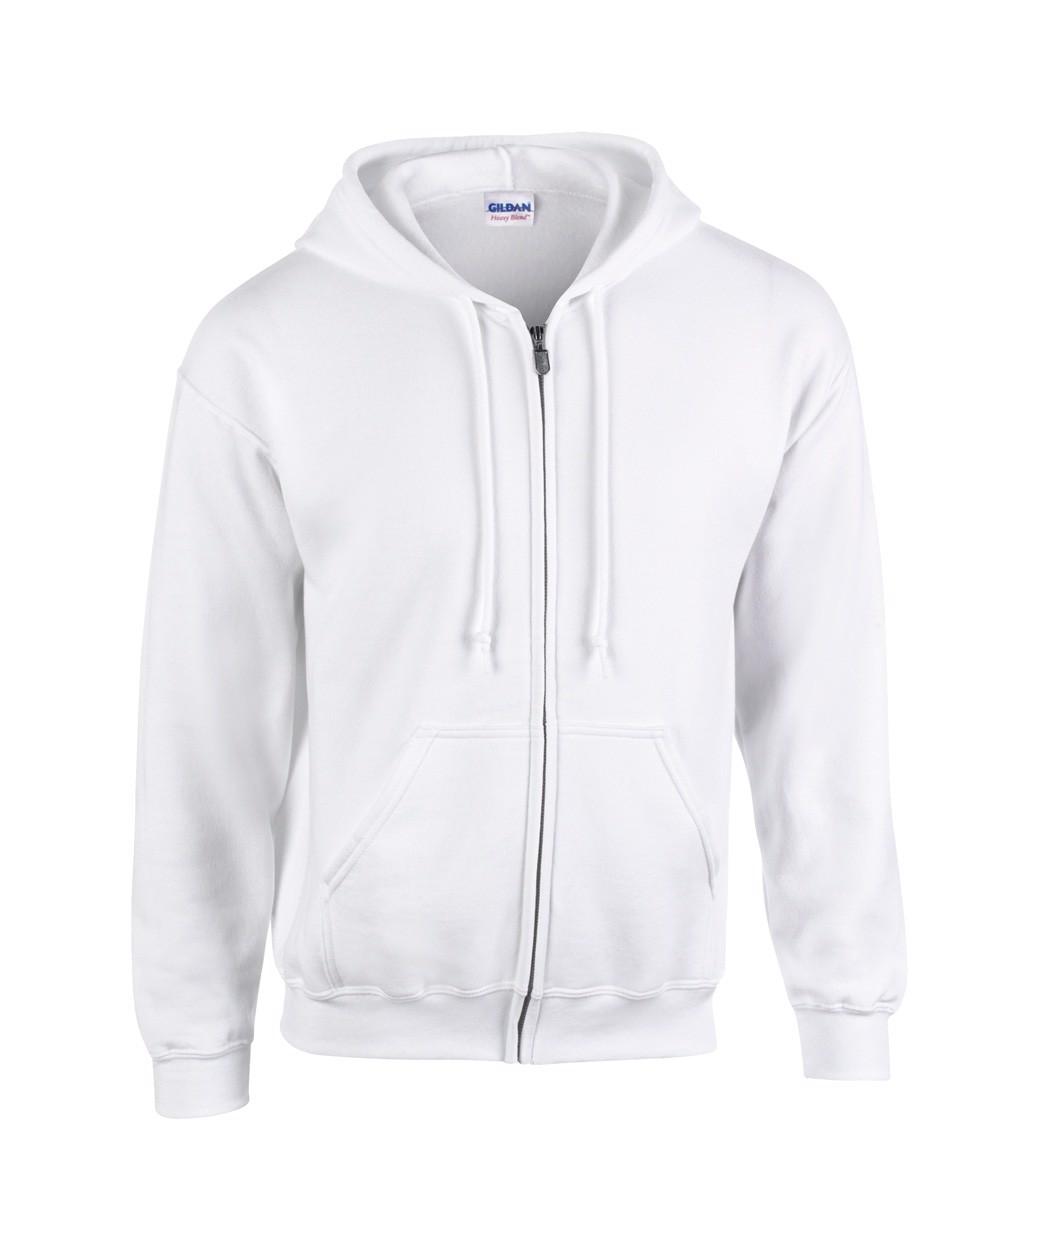 Sweatshirt HB Zip Hooded - White / S